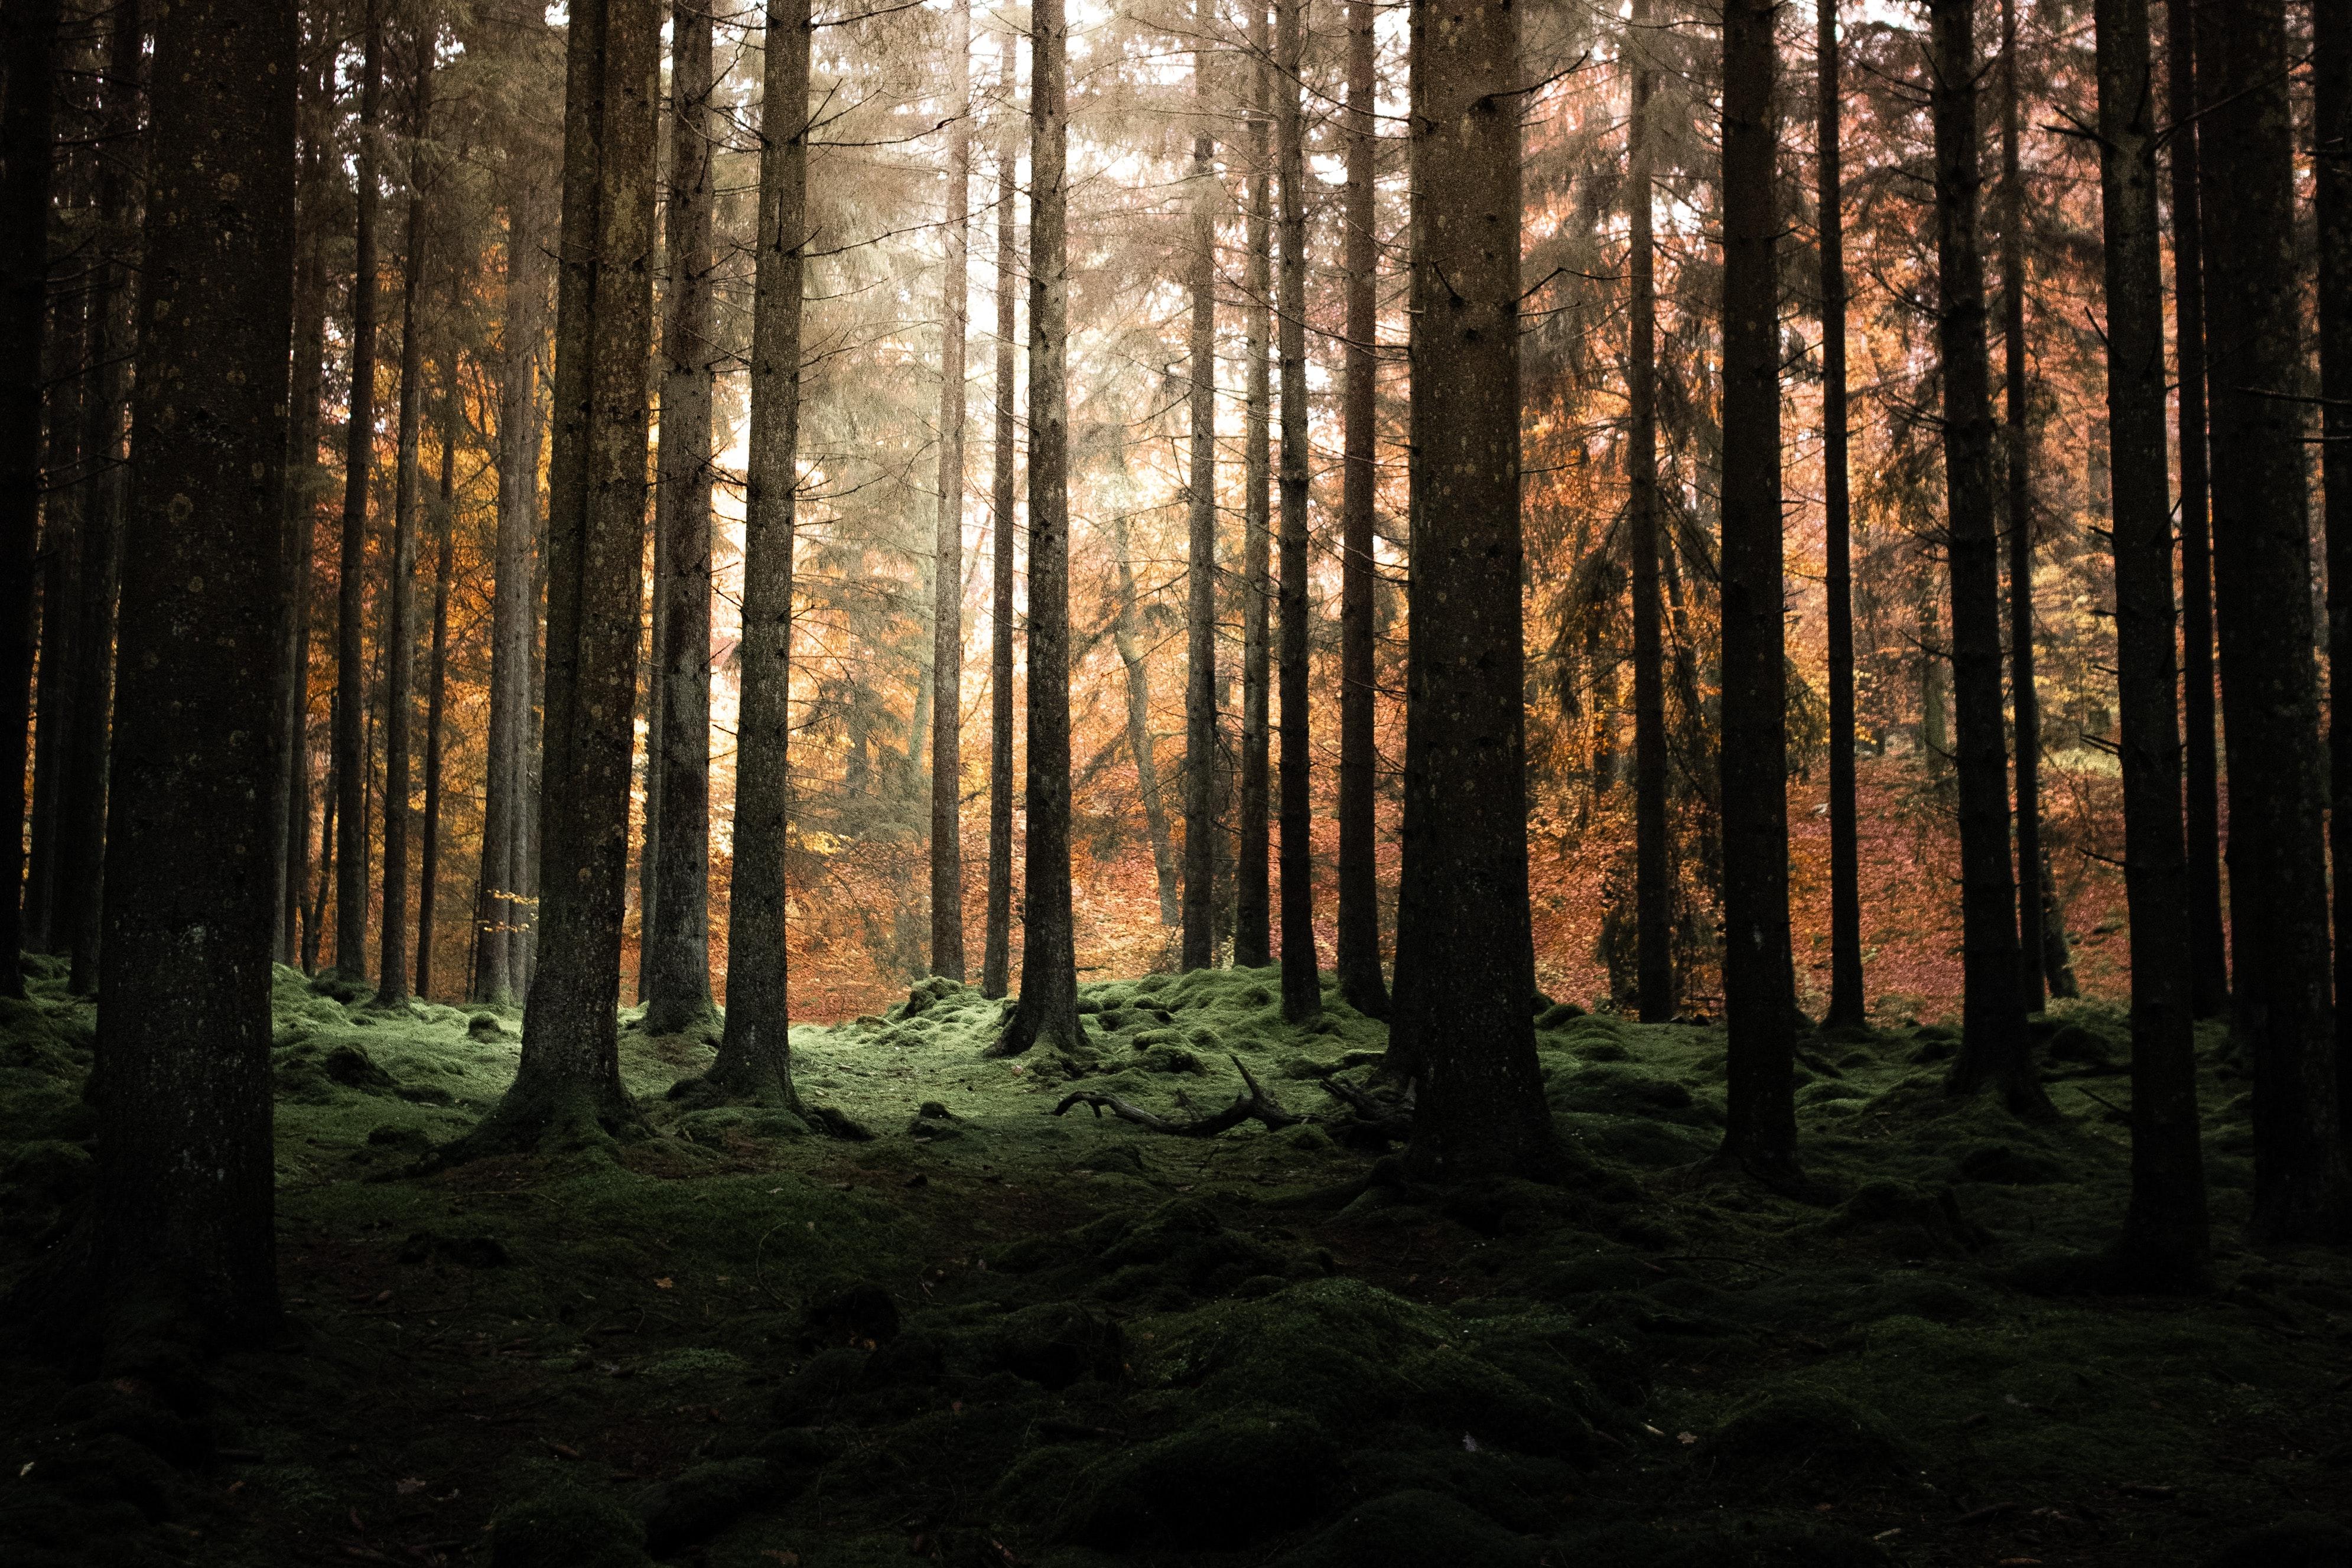 131469 скачать обои Лес, Деревья, Сумерки, Природа, Сосны - заставки и картинки бесплатно